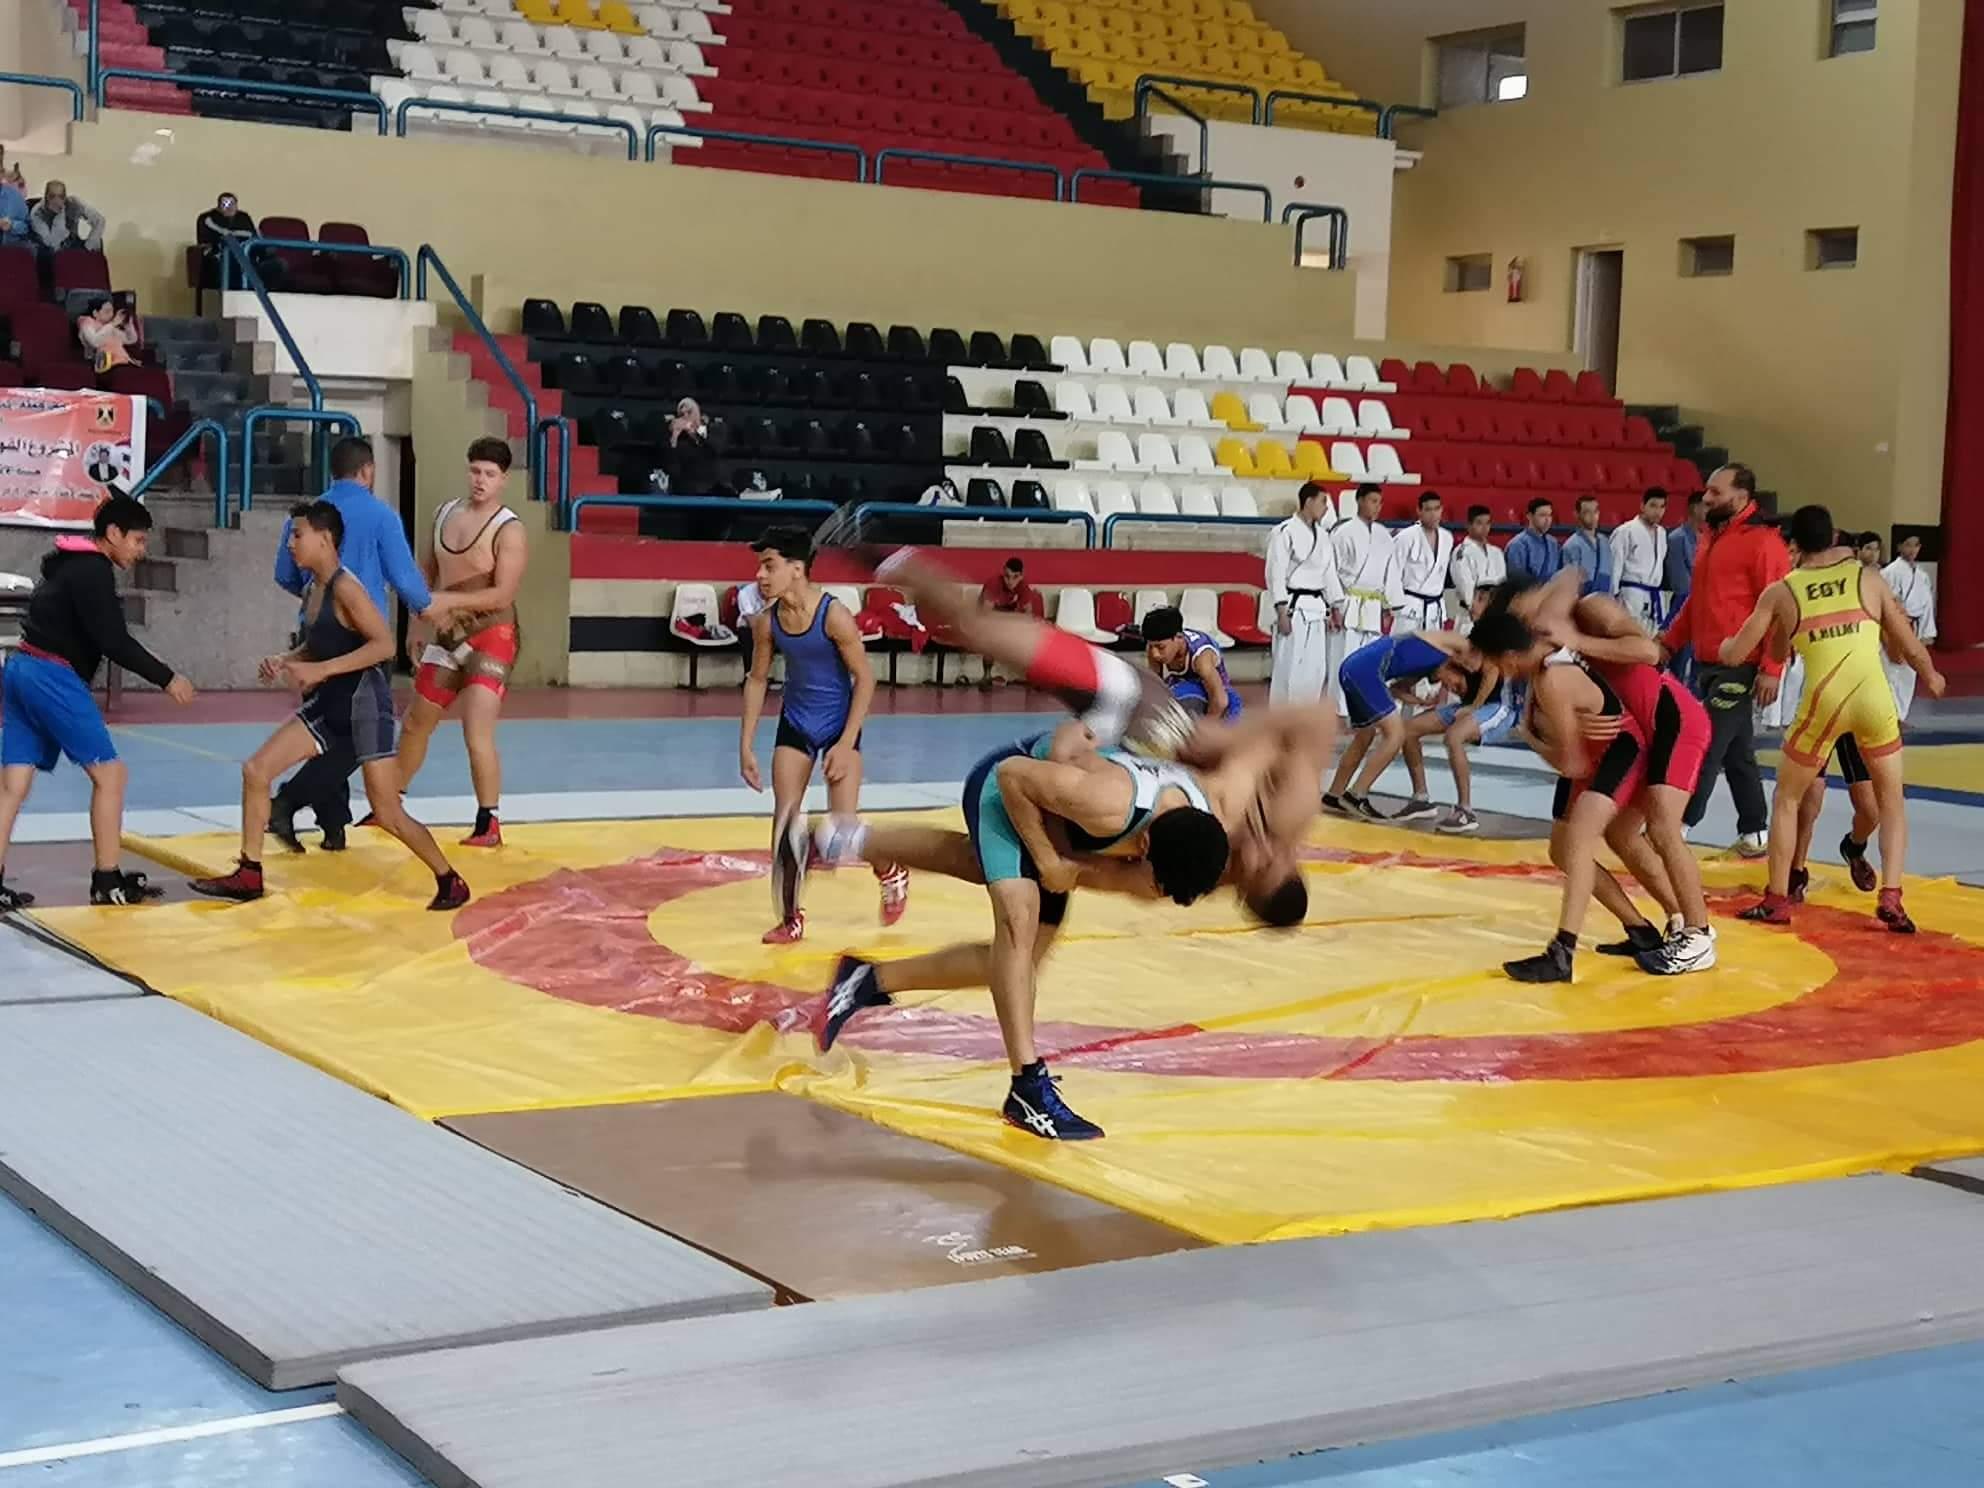 وزير الشباب يتابع عروض الجودو والمصارعة (2)